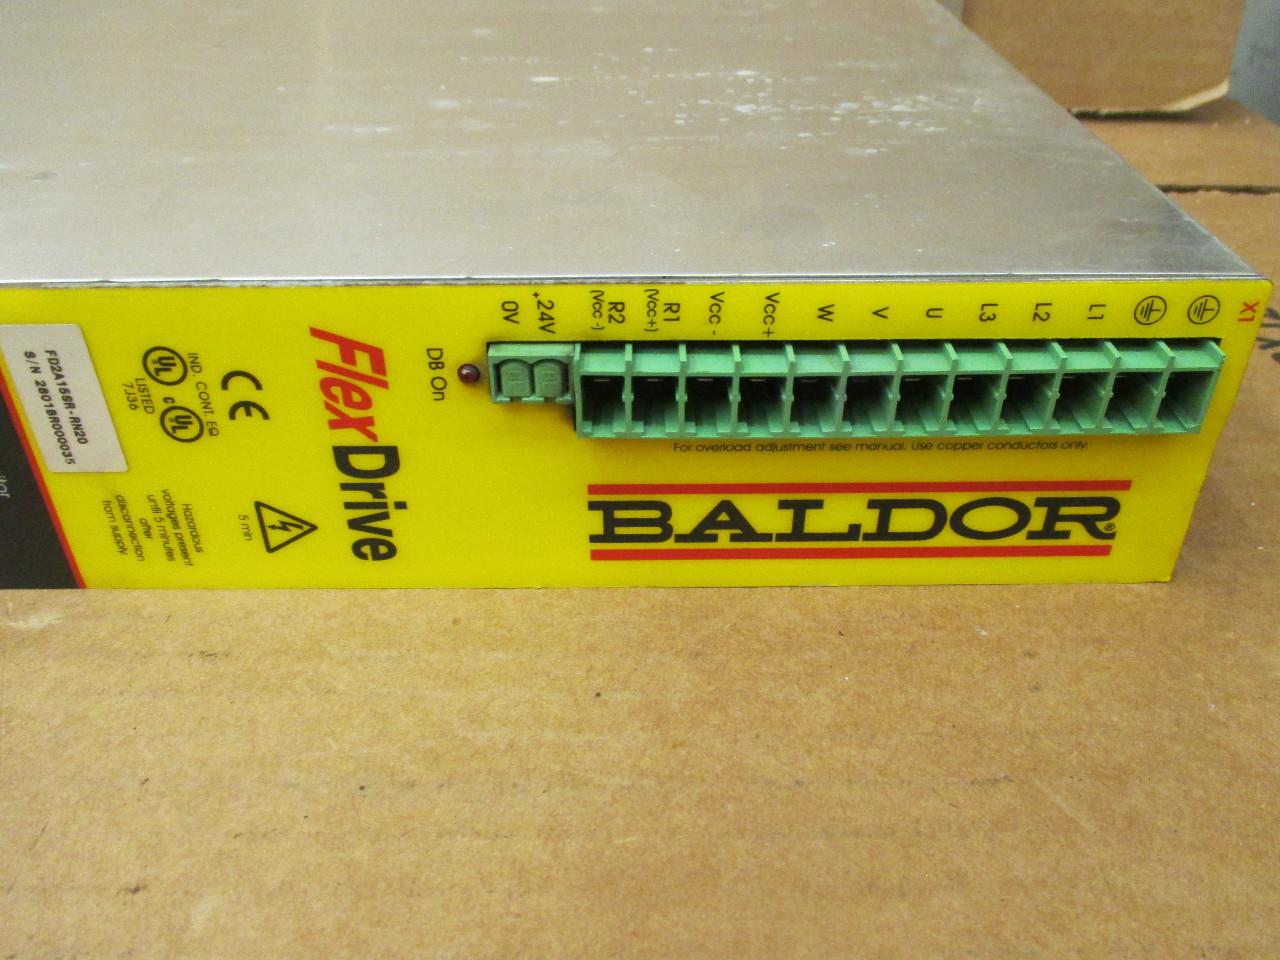 Baldor drive manual.